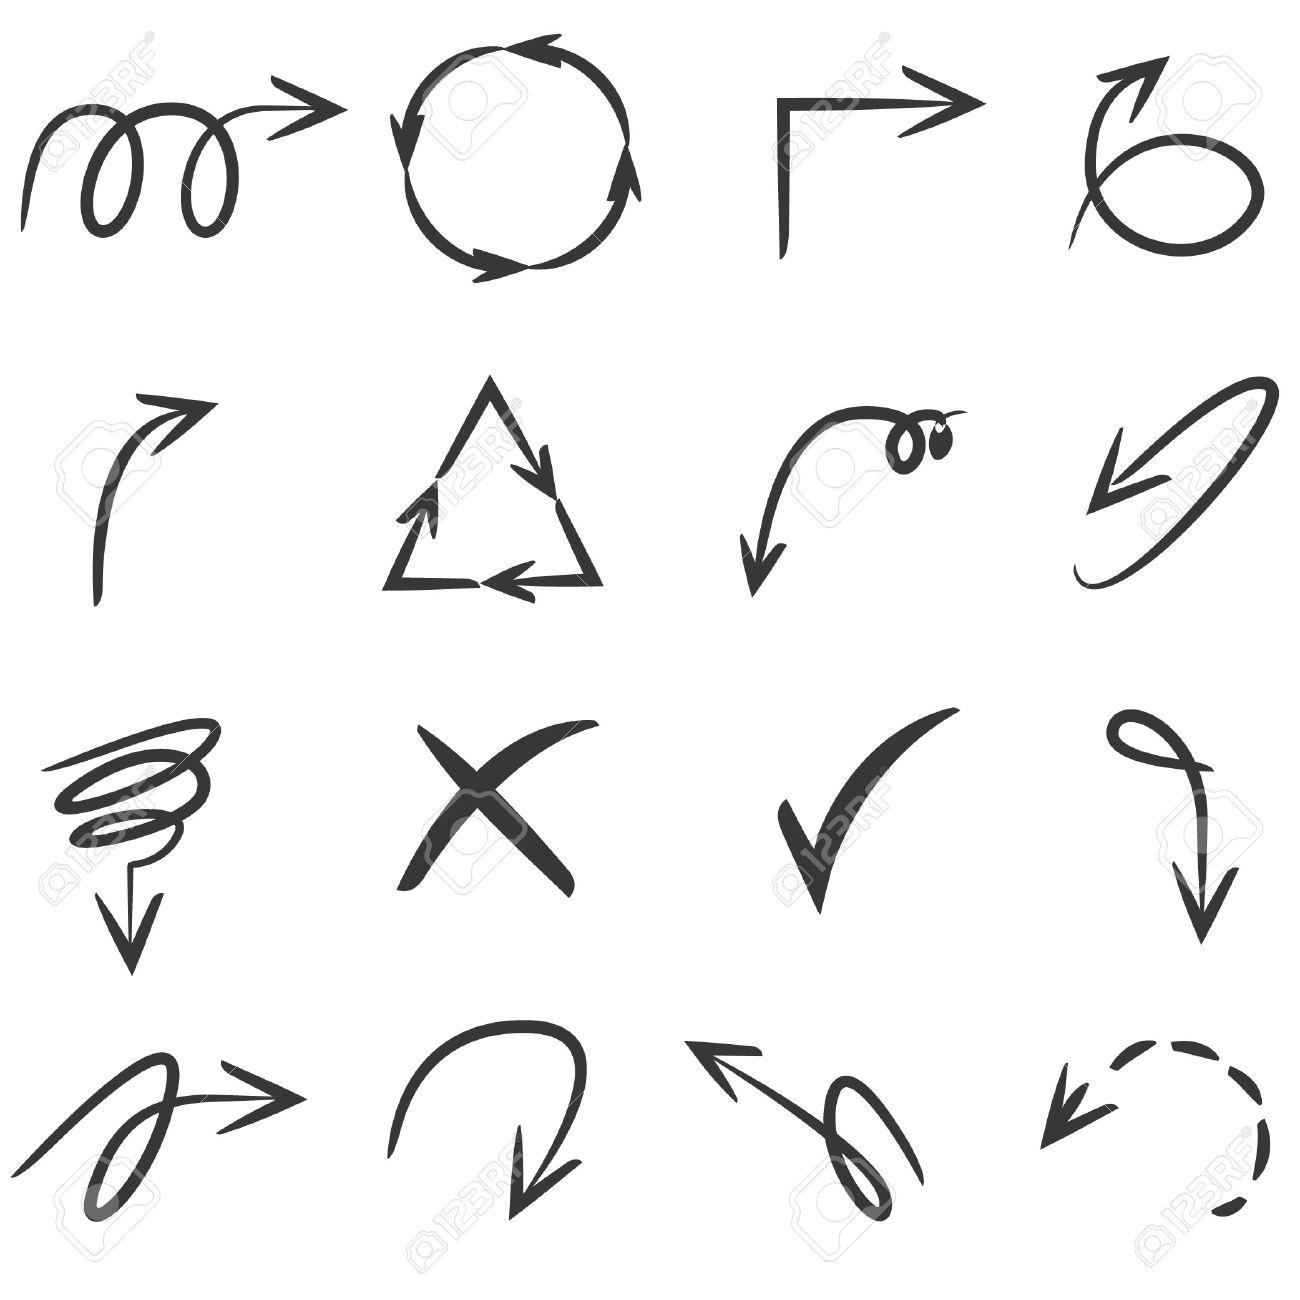 Dessin De Fleche flèches dessin, ligne sketch ensemble de la flèche clip art libres